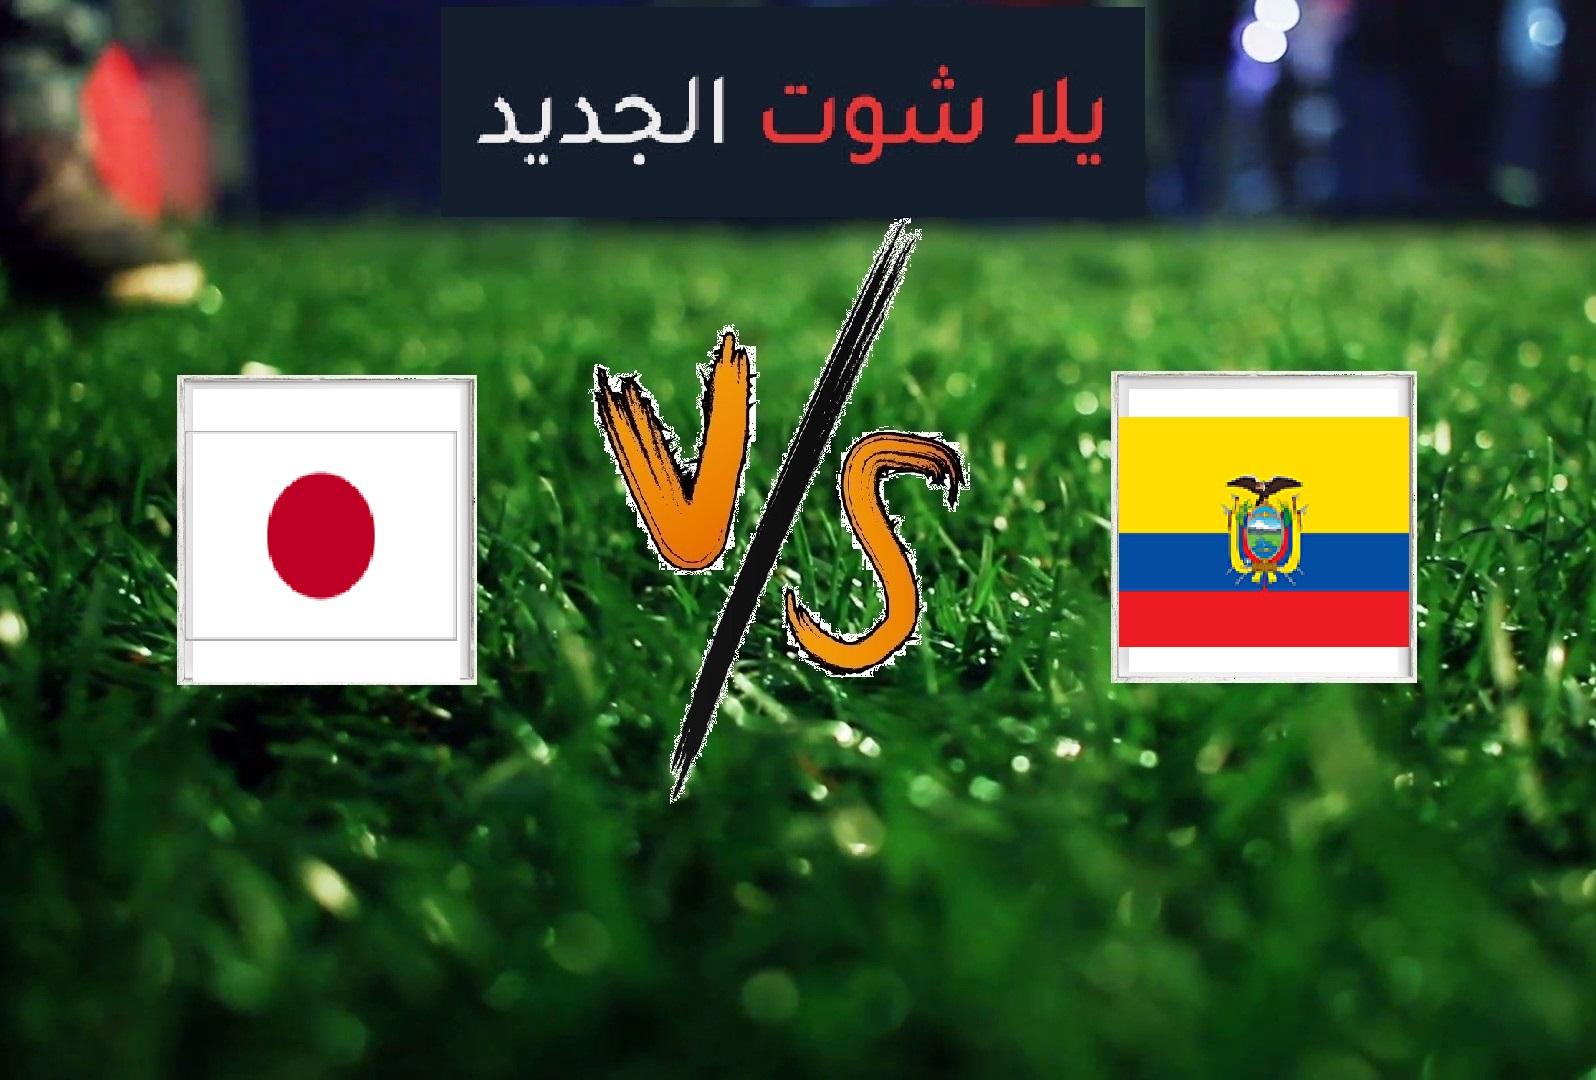 نتيجة مباراة اليابان والاكوادور اليوم الثلاثاء بتاريخ 25-06-2019 كوبا أمريكا 2019